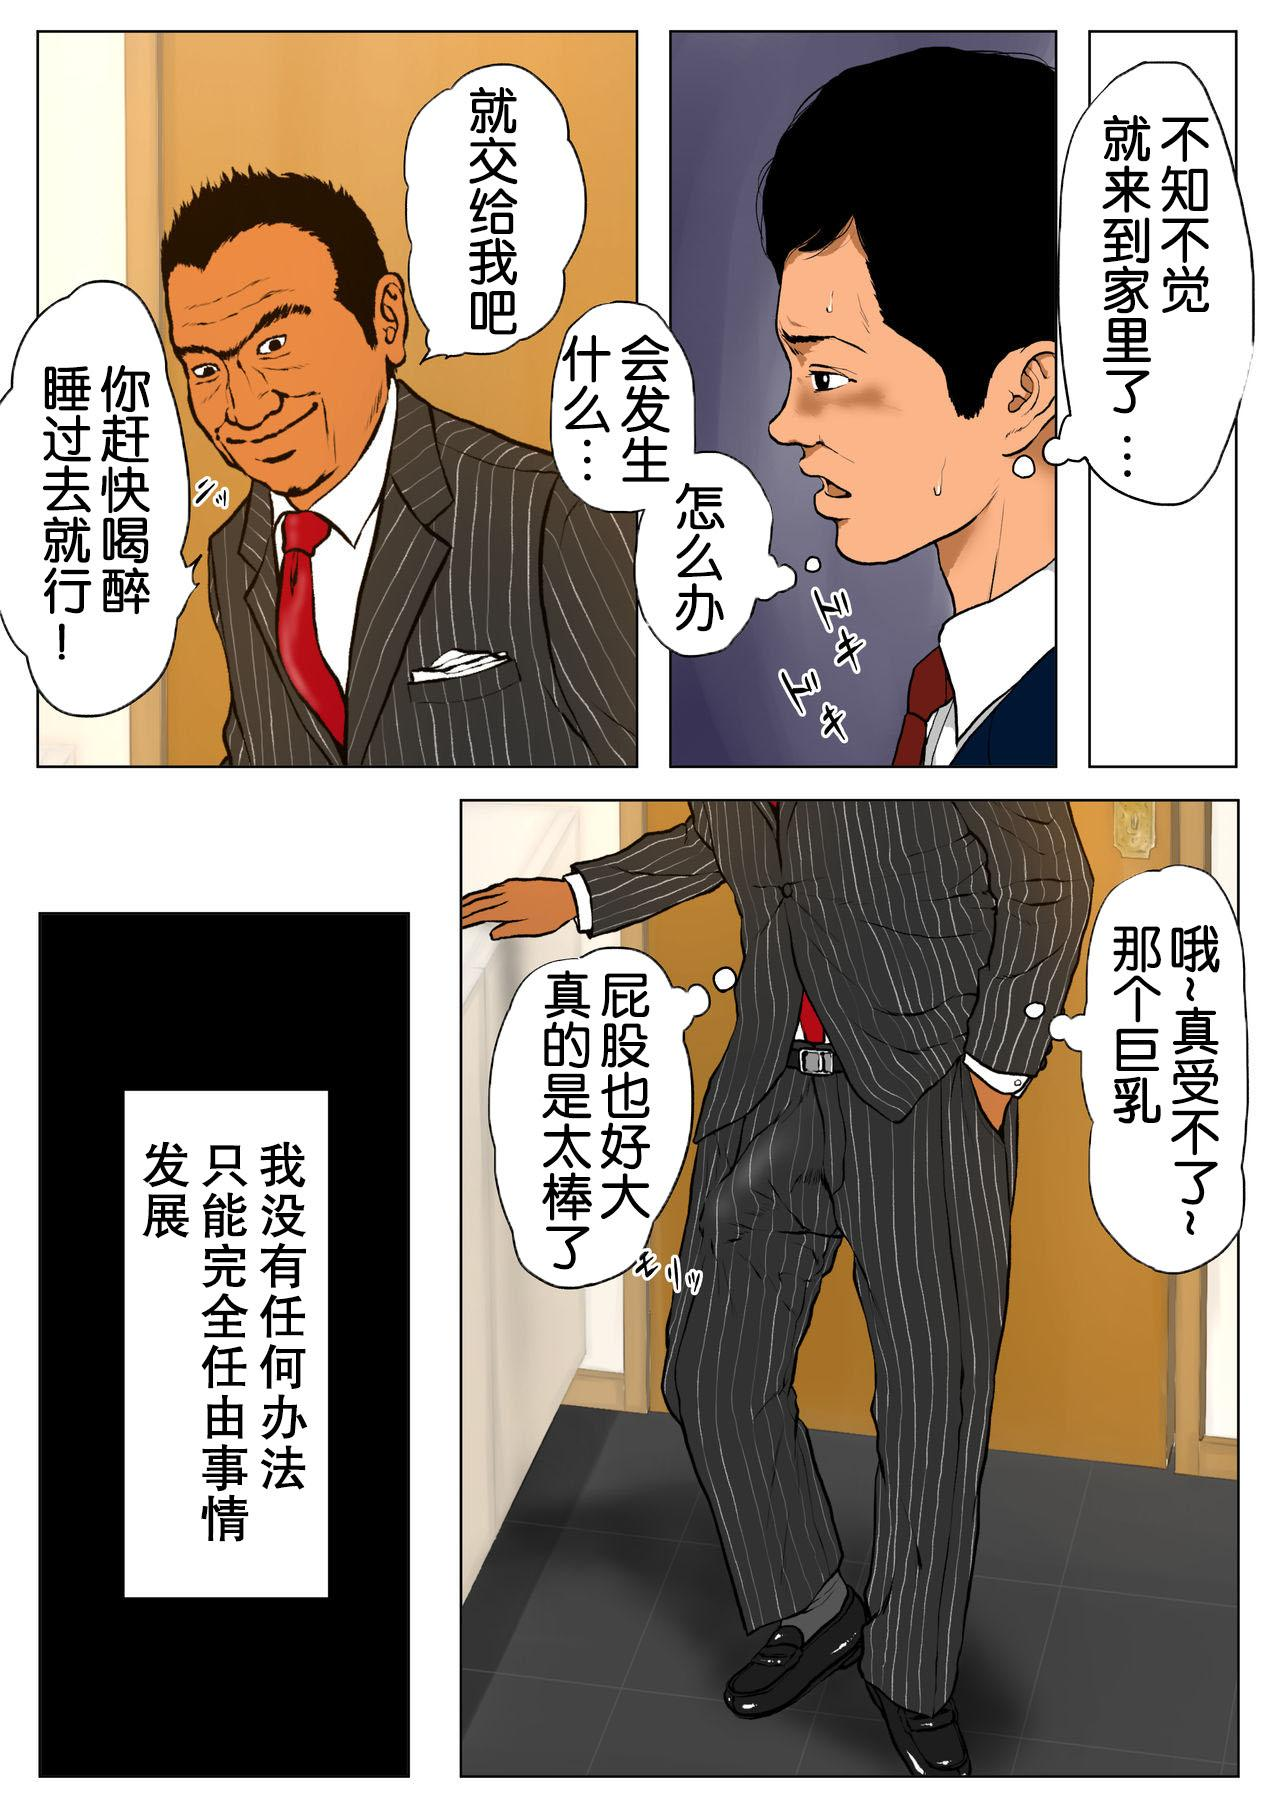 [W no Honnou] Shin, Boku no Tsuma to Kyokon no Moto AV Danyuu Buchou[Chinese]【不可视汉化】 14